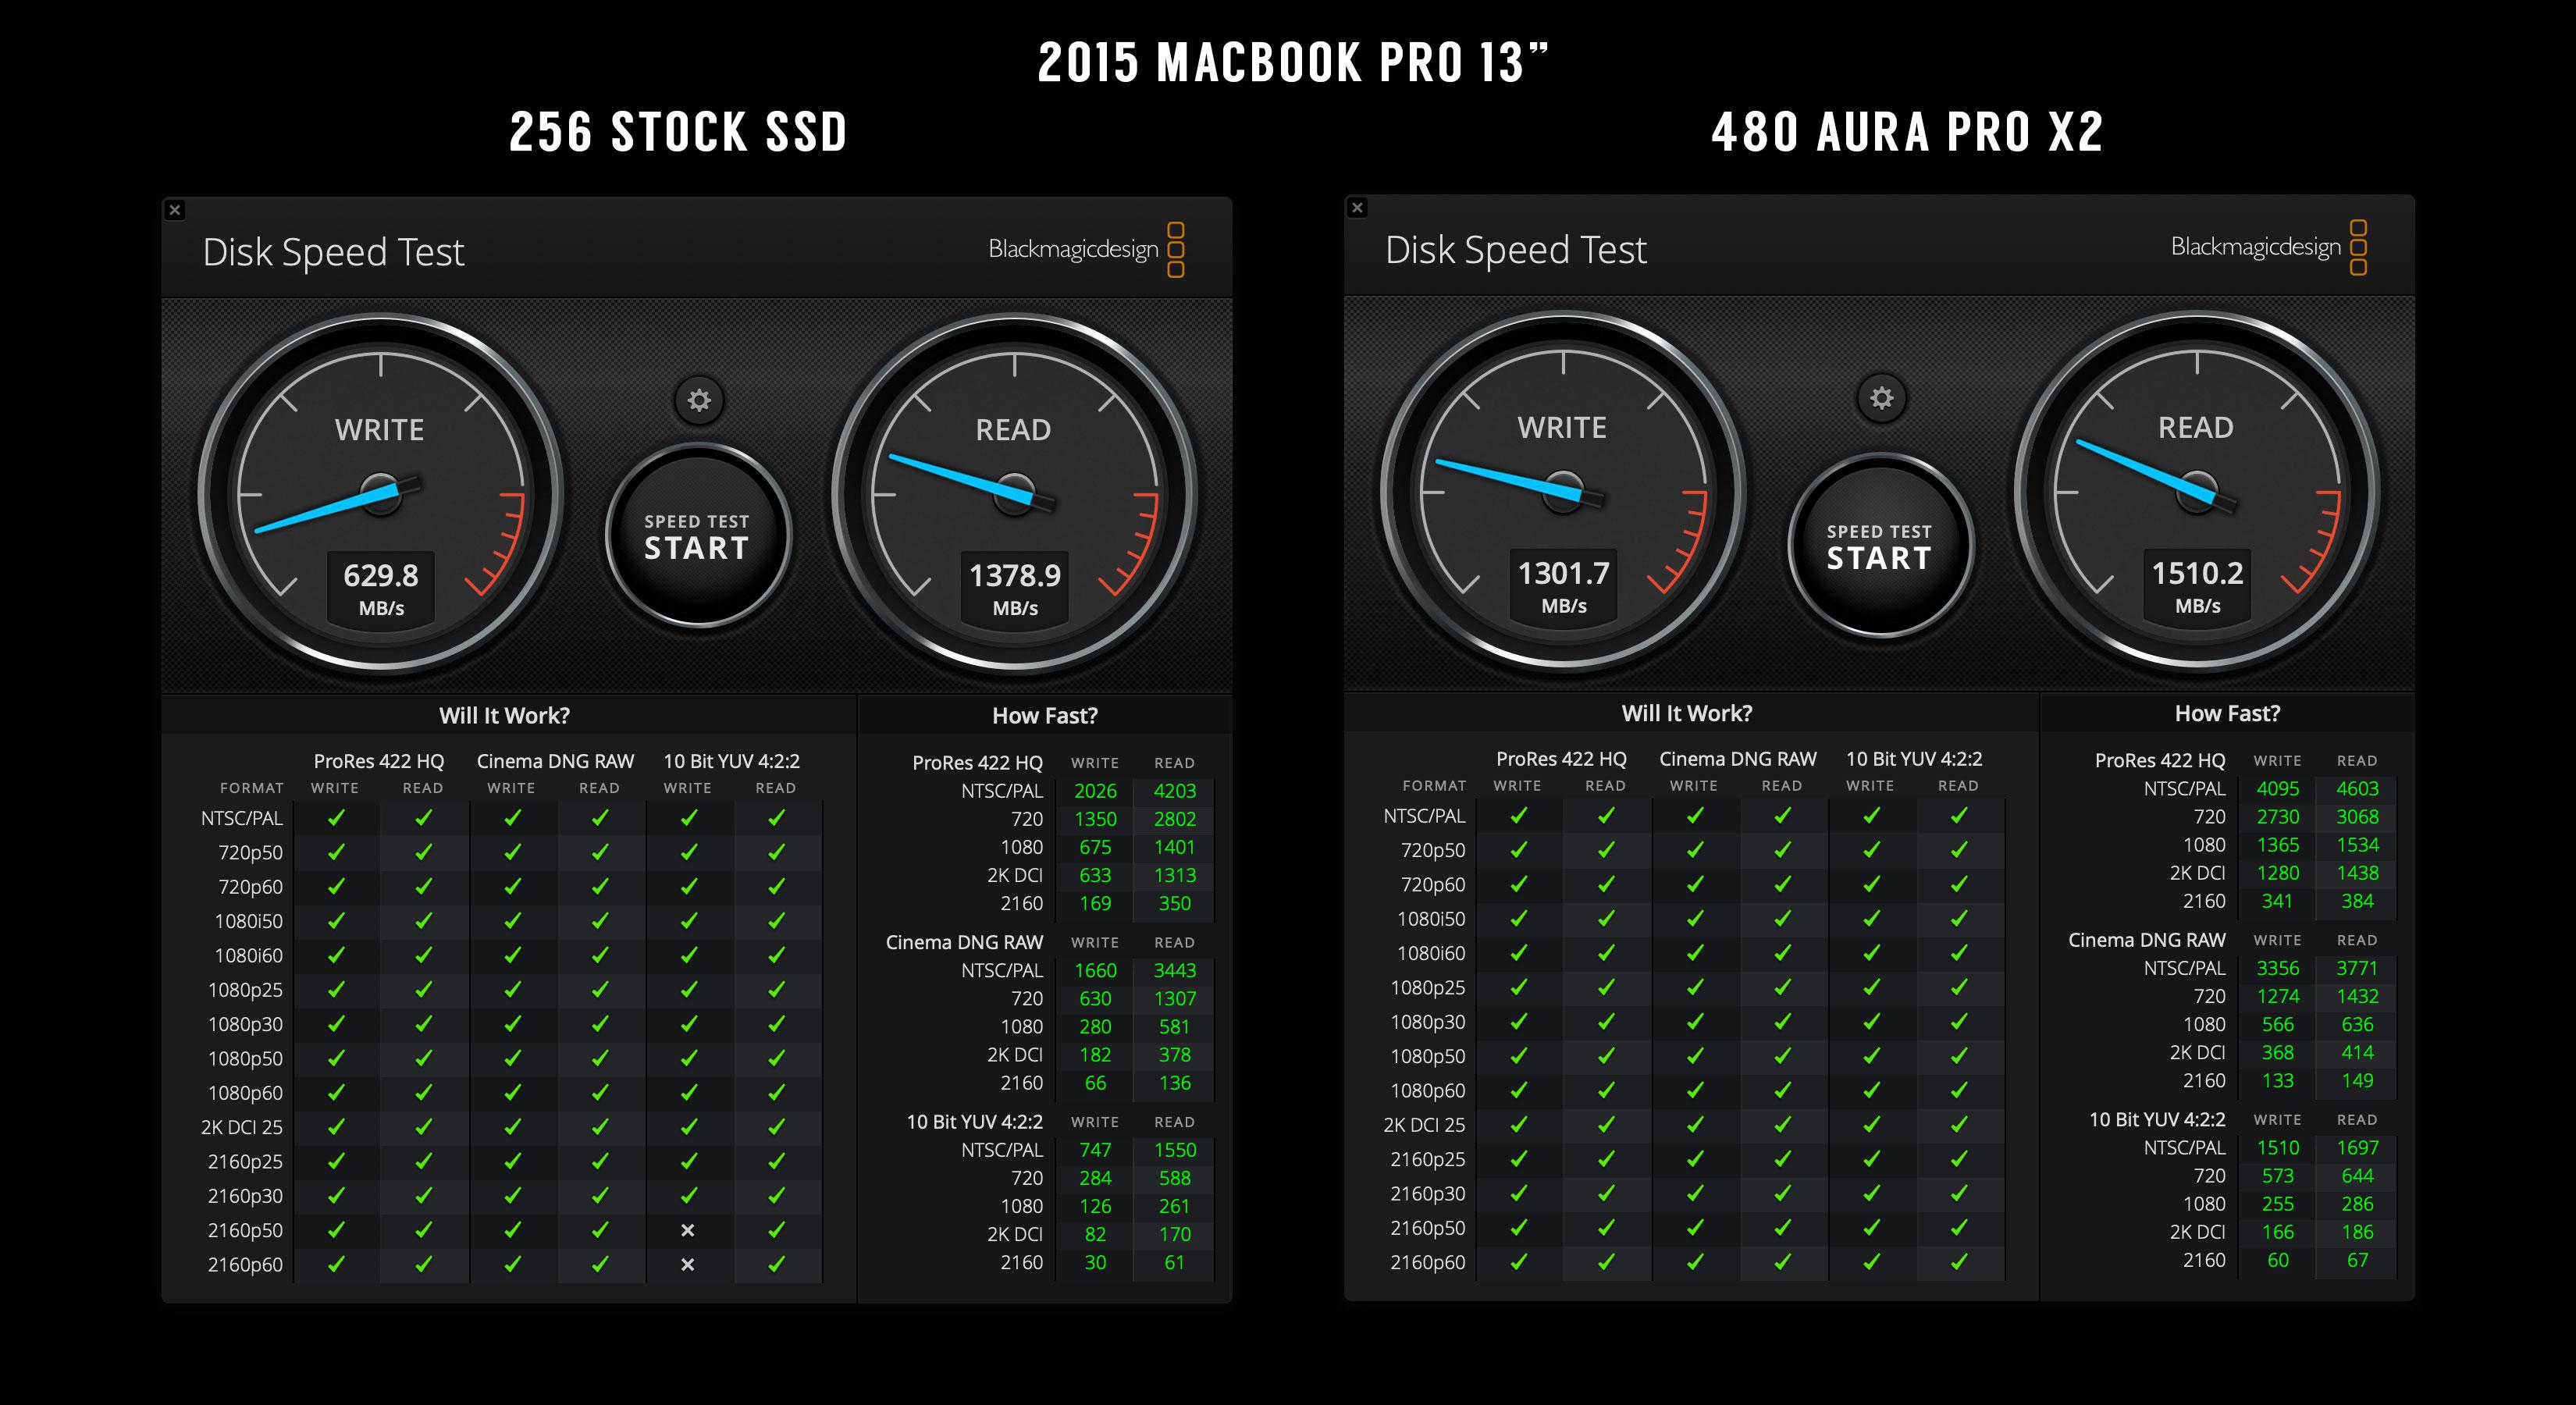 Macbook 2015 pro download speed test windows 10